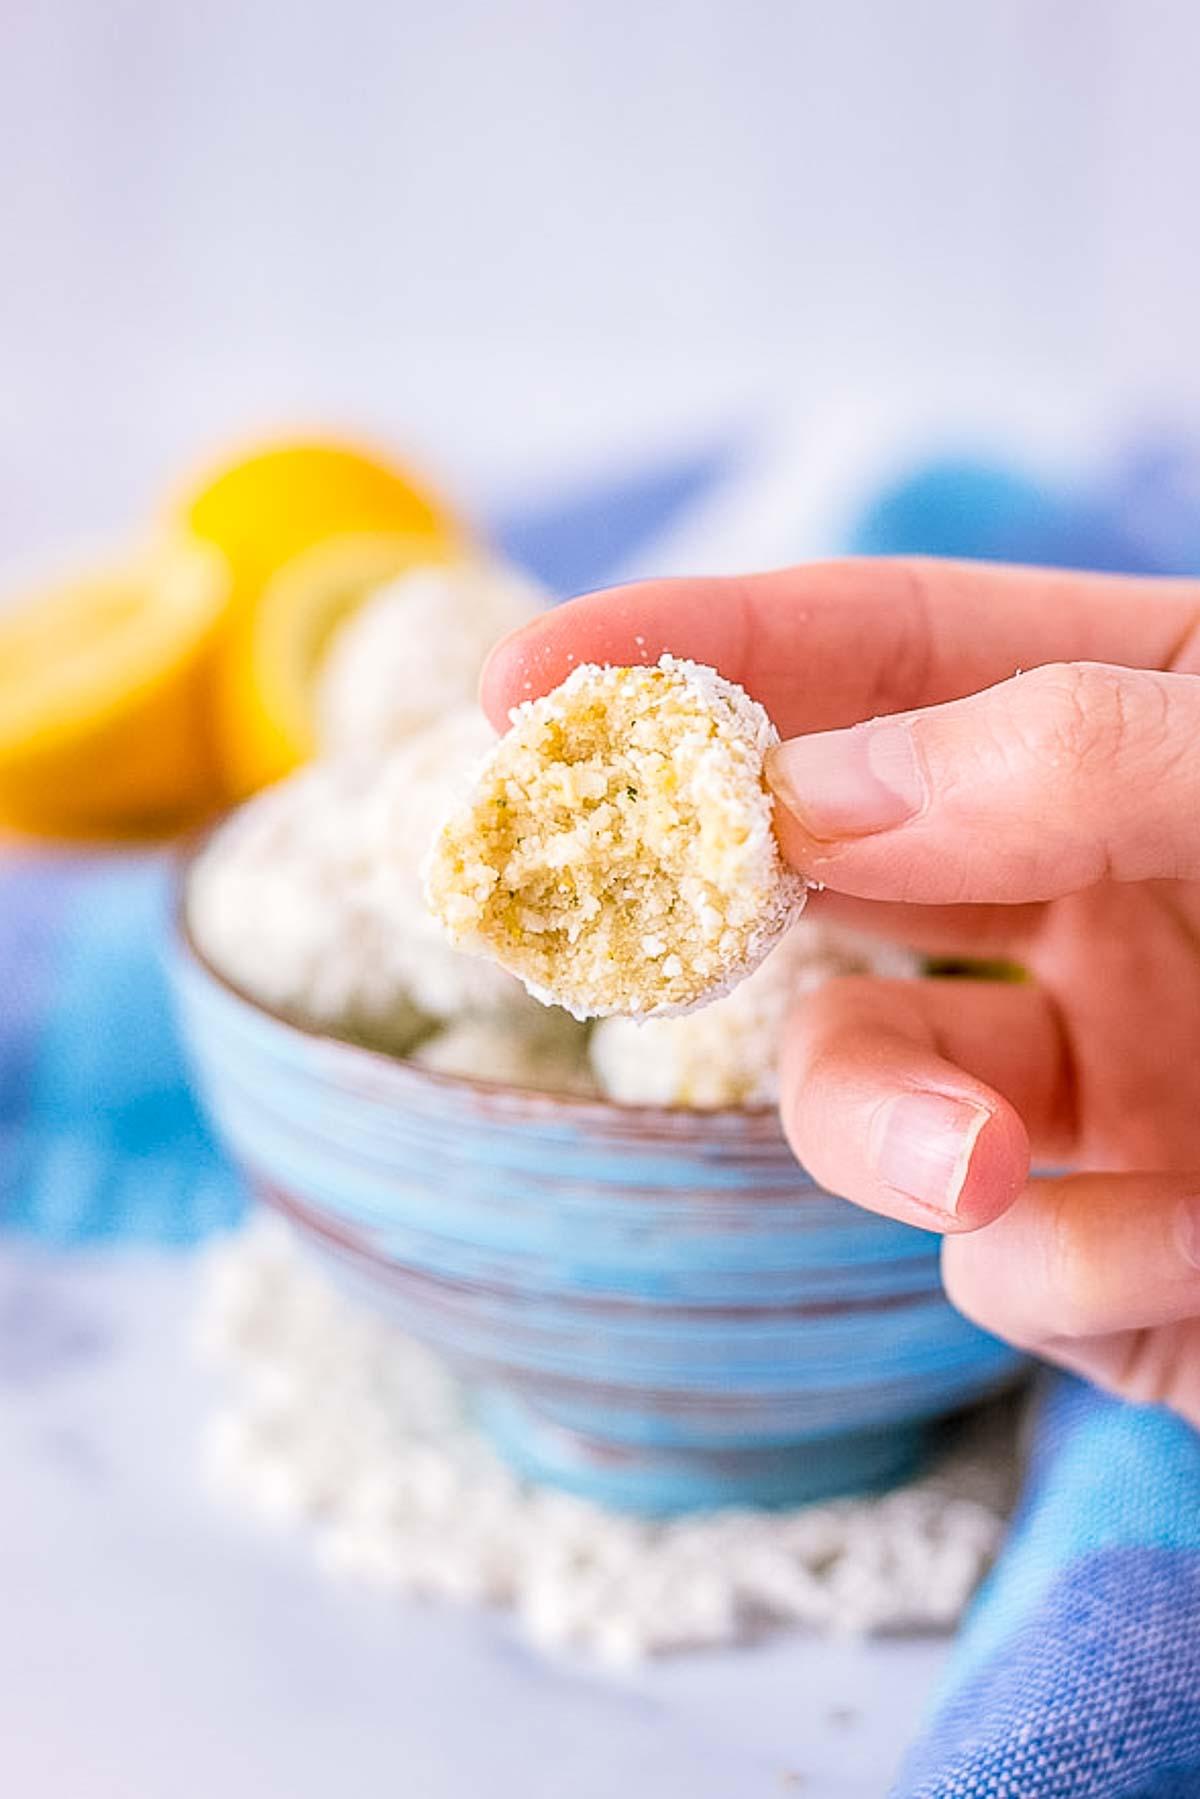 Hand holding Lemon Coconut Energy Balls